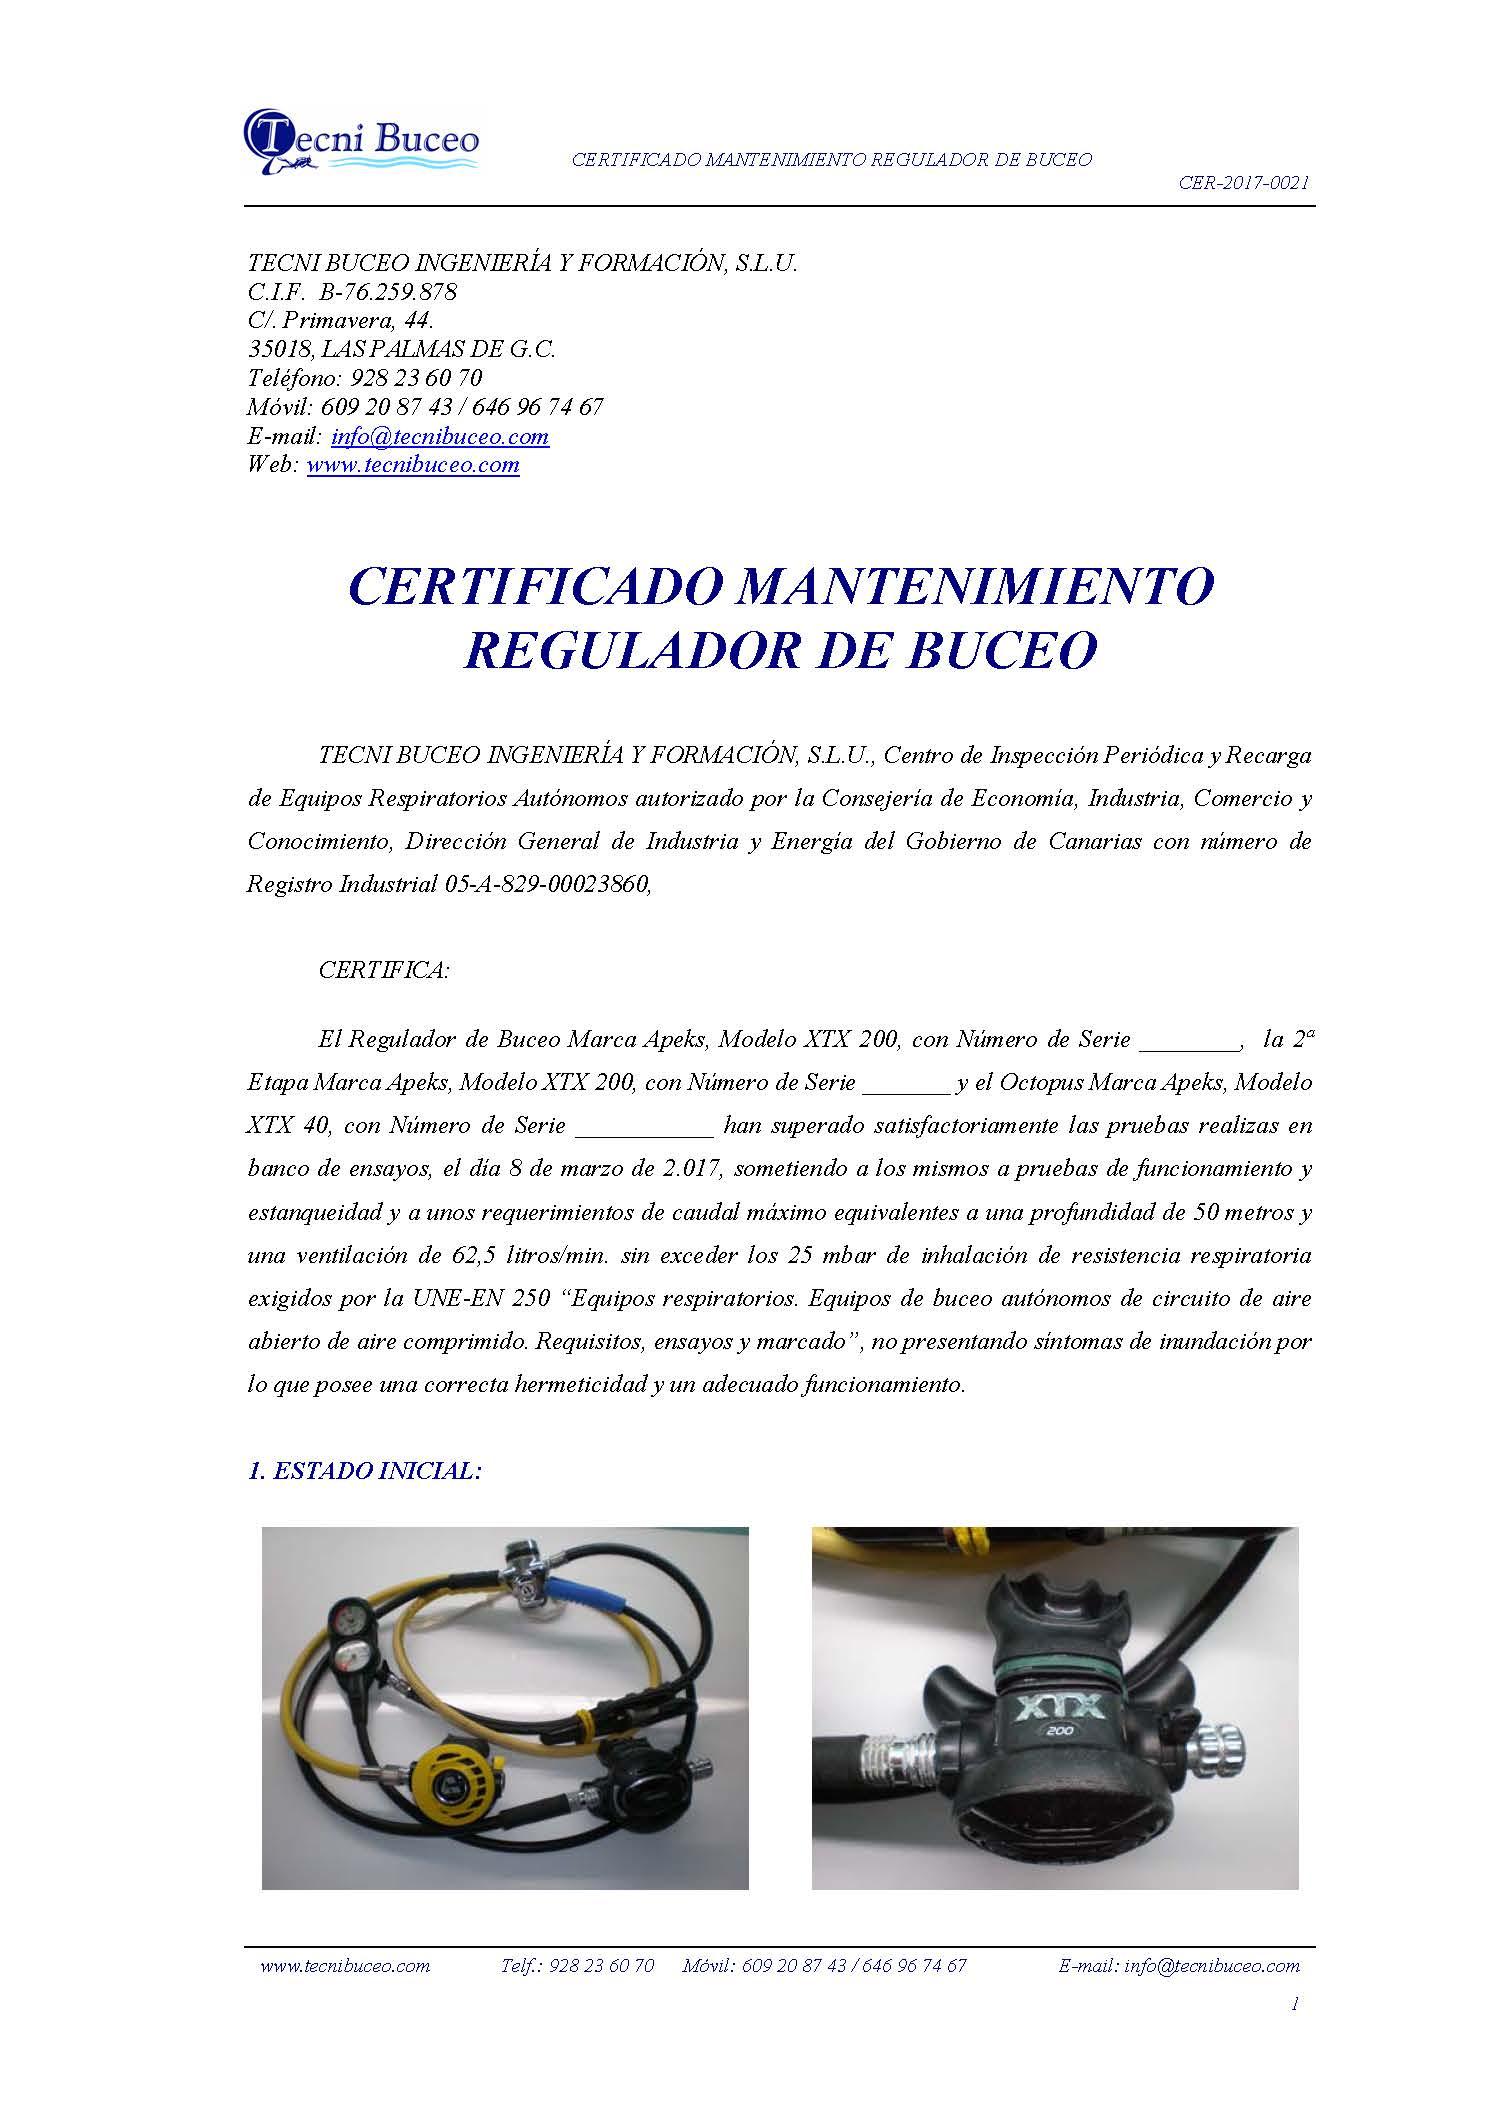 Ejemplo Certificado Mantenimiento Regulador de Buceo Tecni Buceo, S.L CER-2017-0021